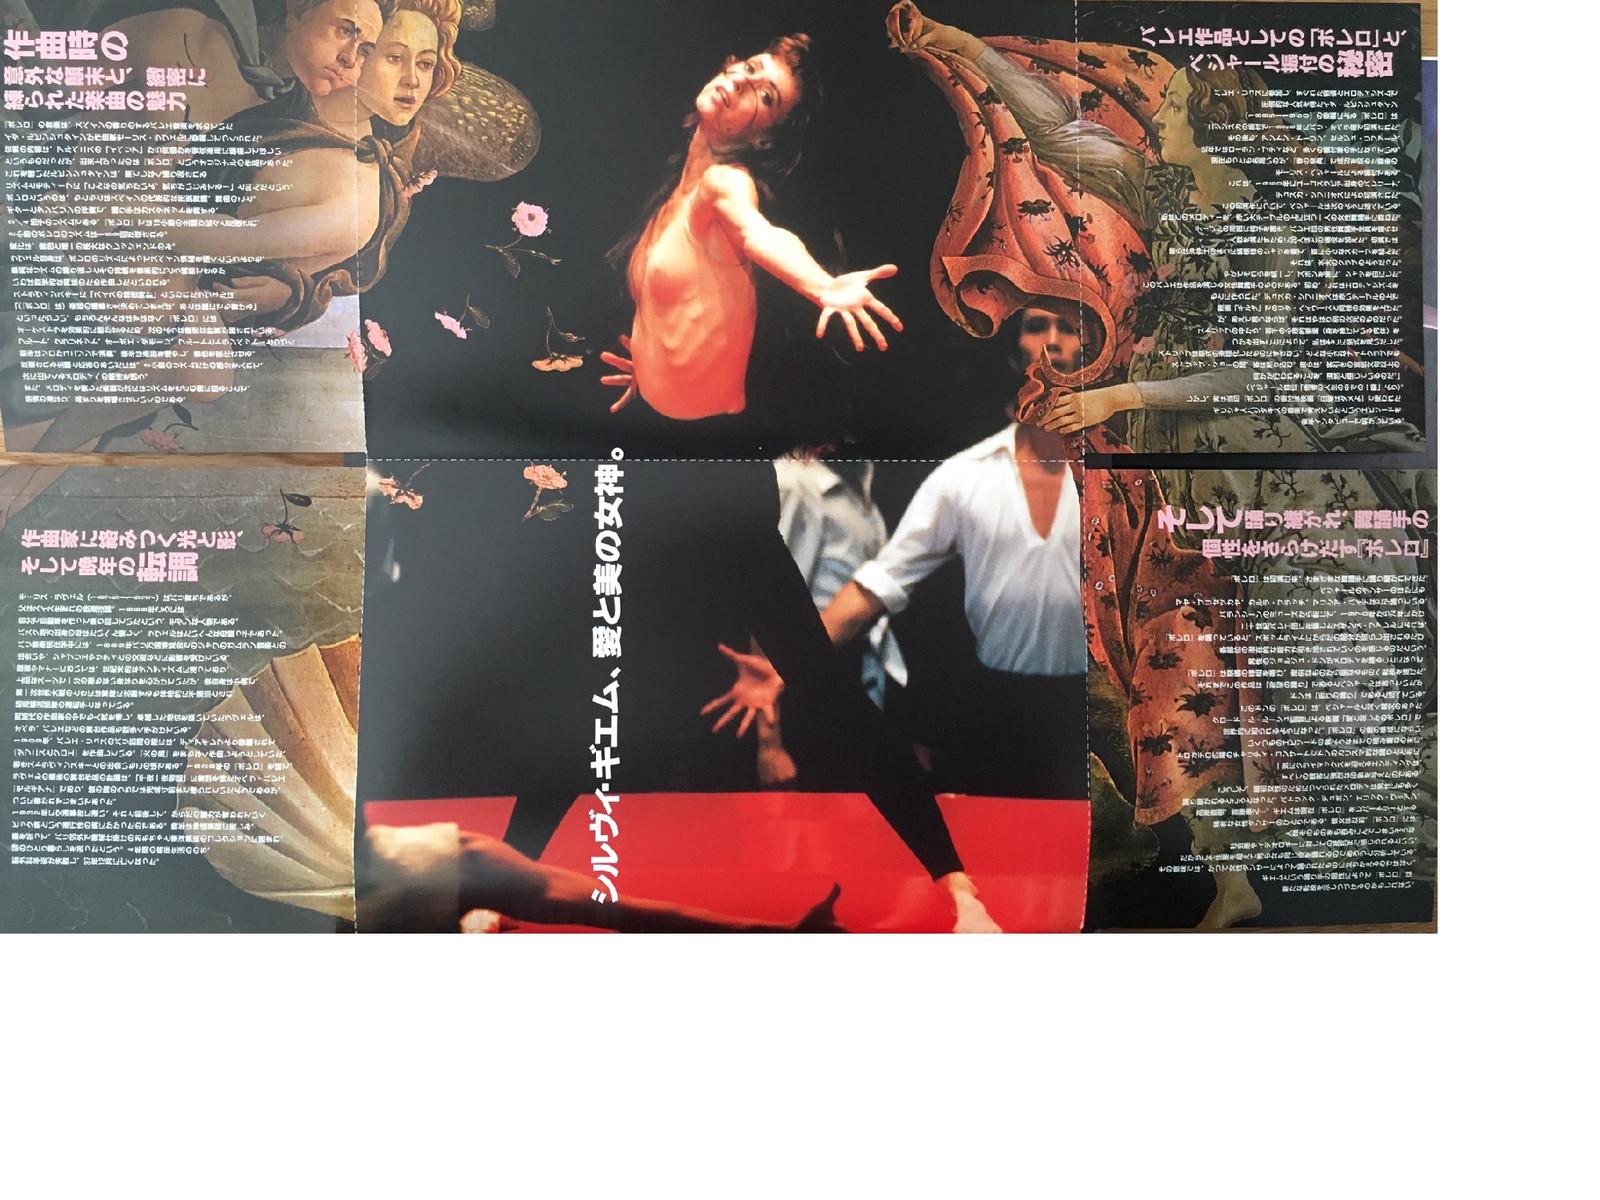 7f9d81deaf792 今回のテーマはギエム、アナニアシヴィリ、フェリといった女性ダンサーたち。 バレエダンサー事典を開けばページを大きく割いて載っているであろうバレエ史に残る  ...